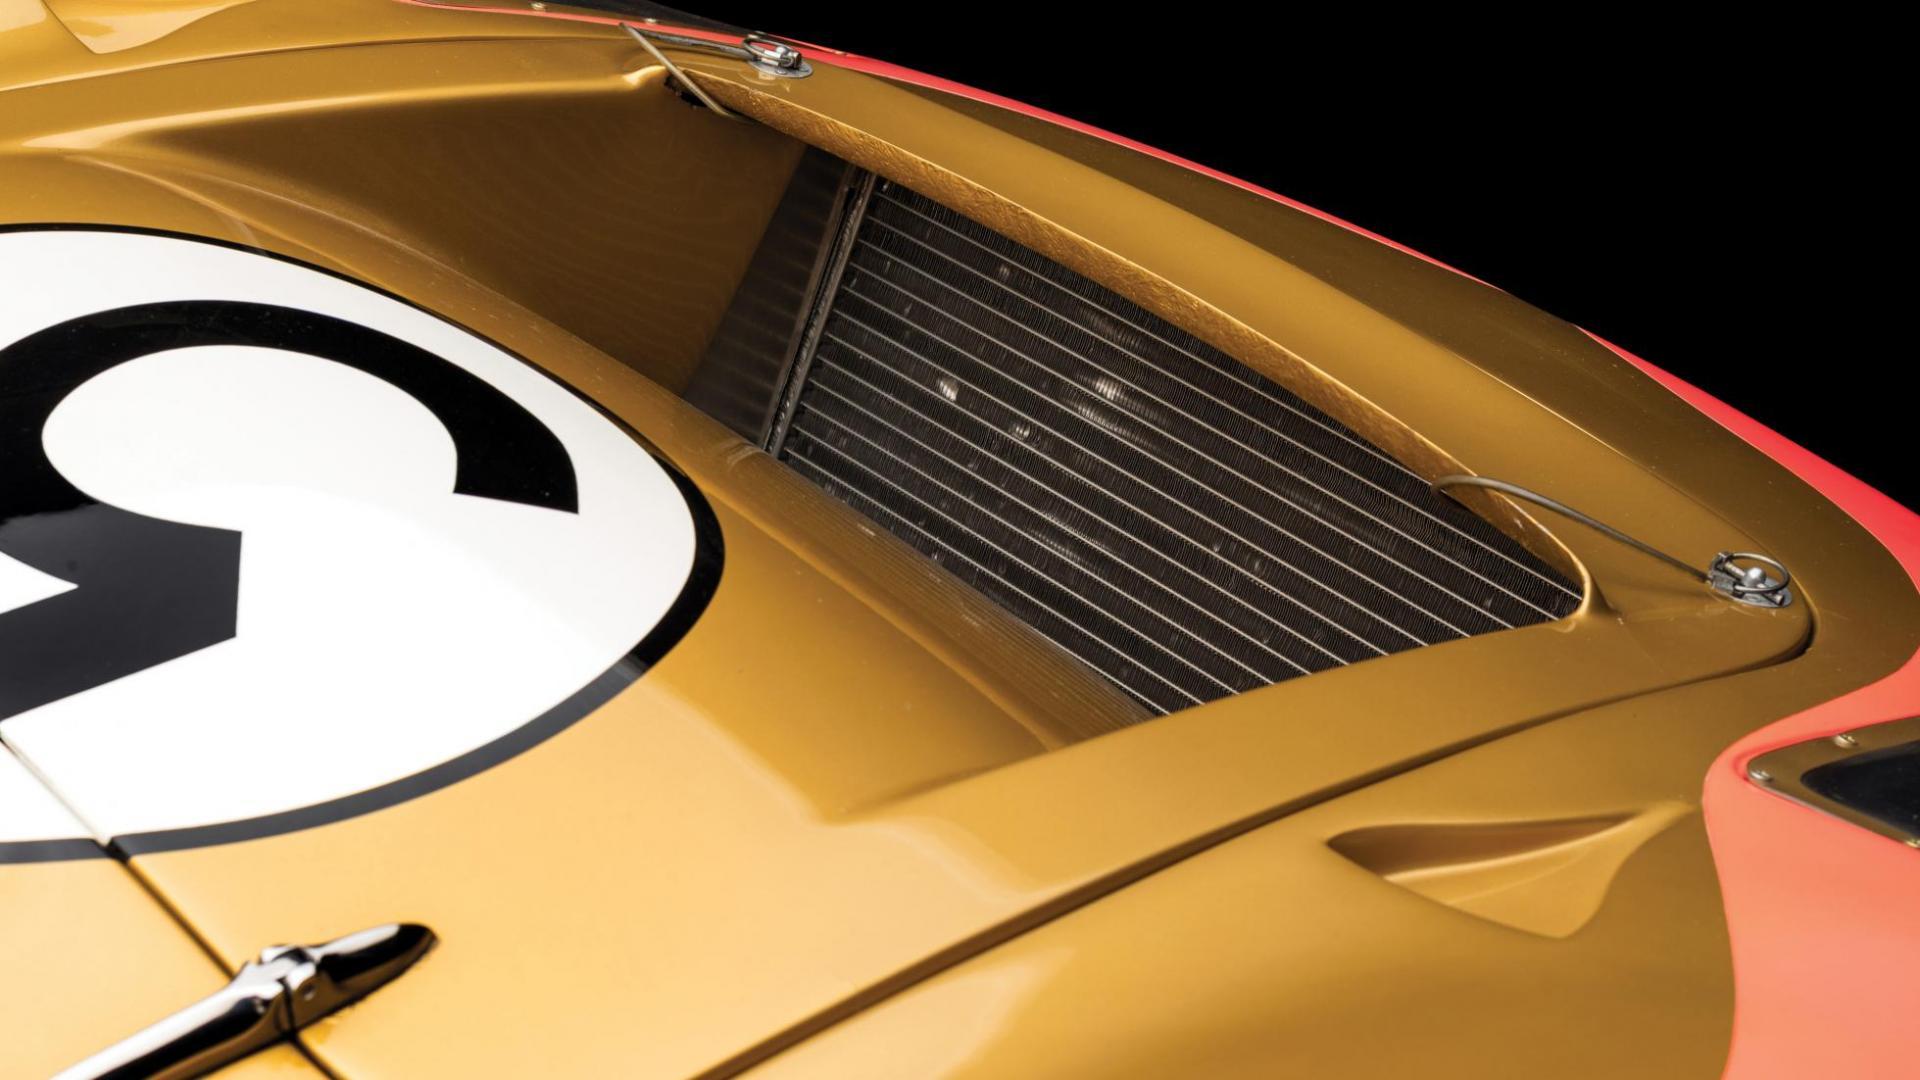 Le Mans-winnende Ford GT40 te koop